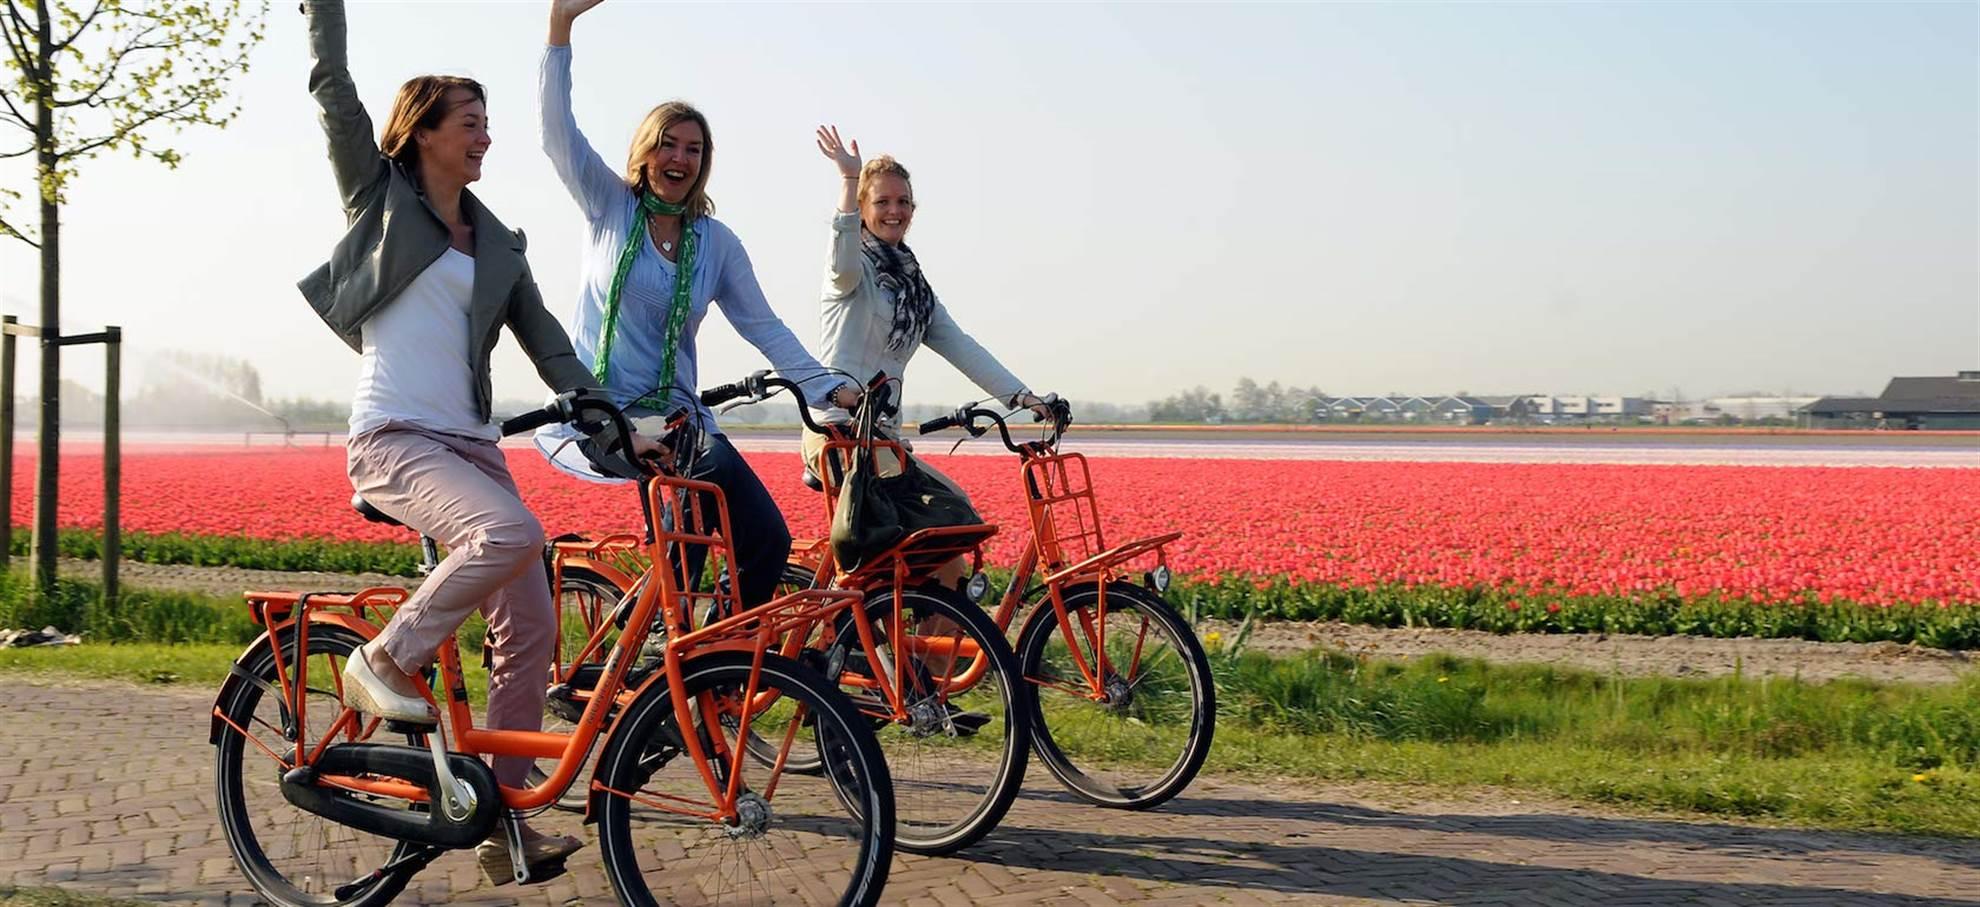 Lisse (Keukenhof) Bike Rental +  Flowerfield Audioguide